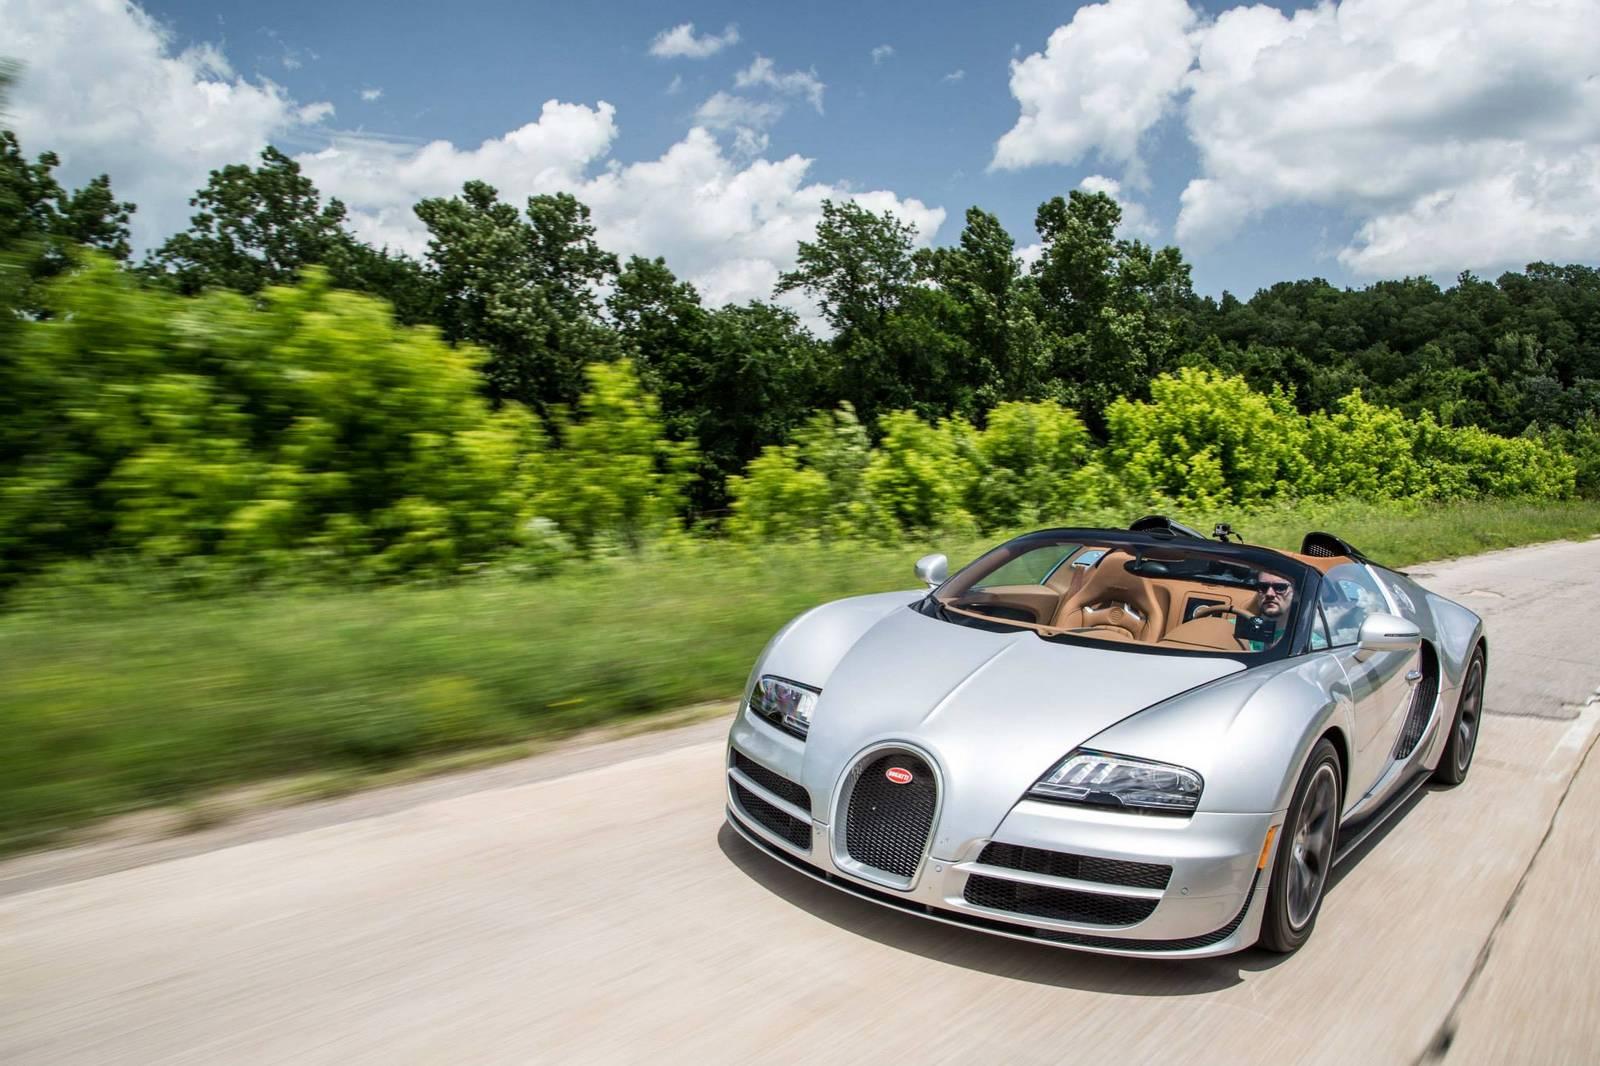 Фото | На шоссе Bugatti Veyron Grand Sport Vitesse